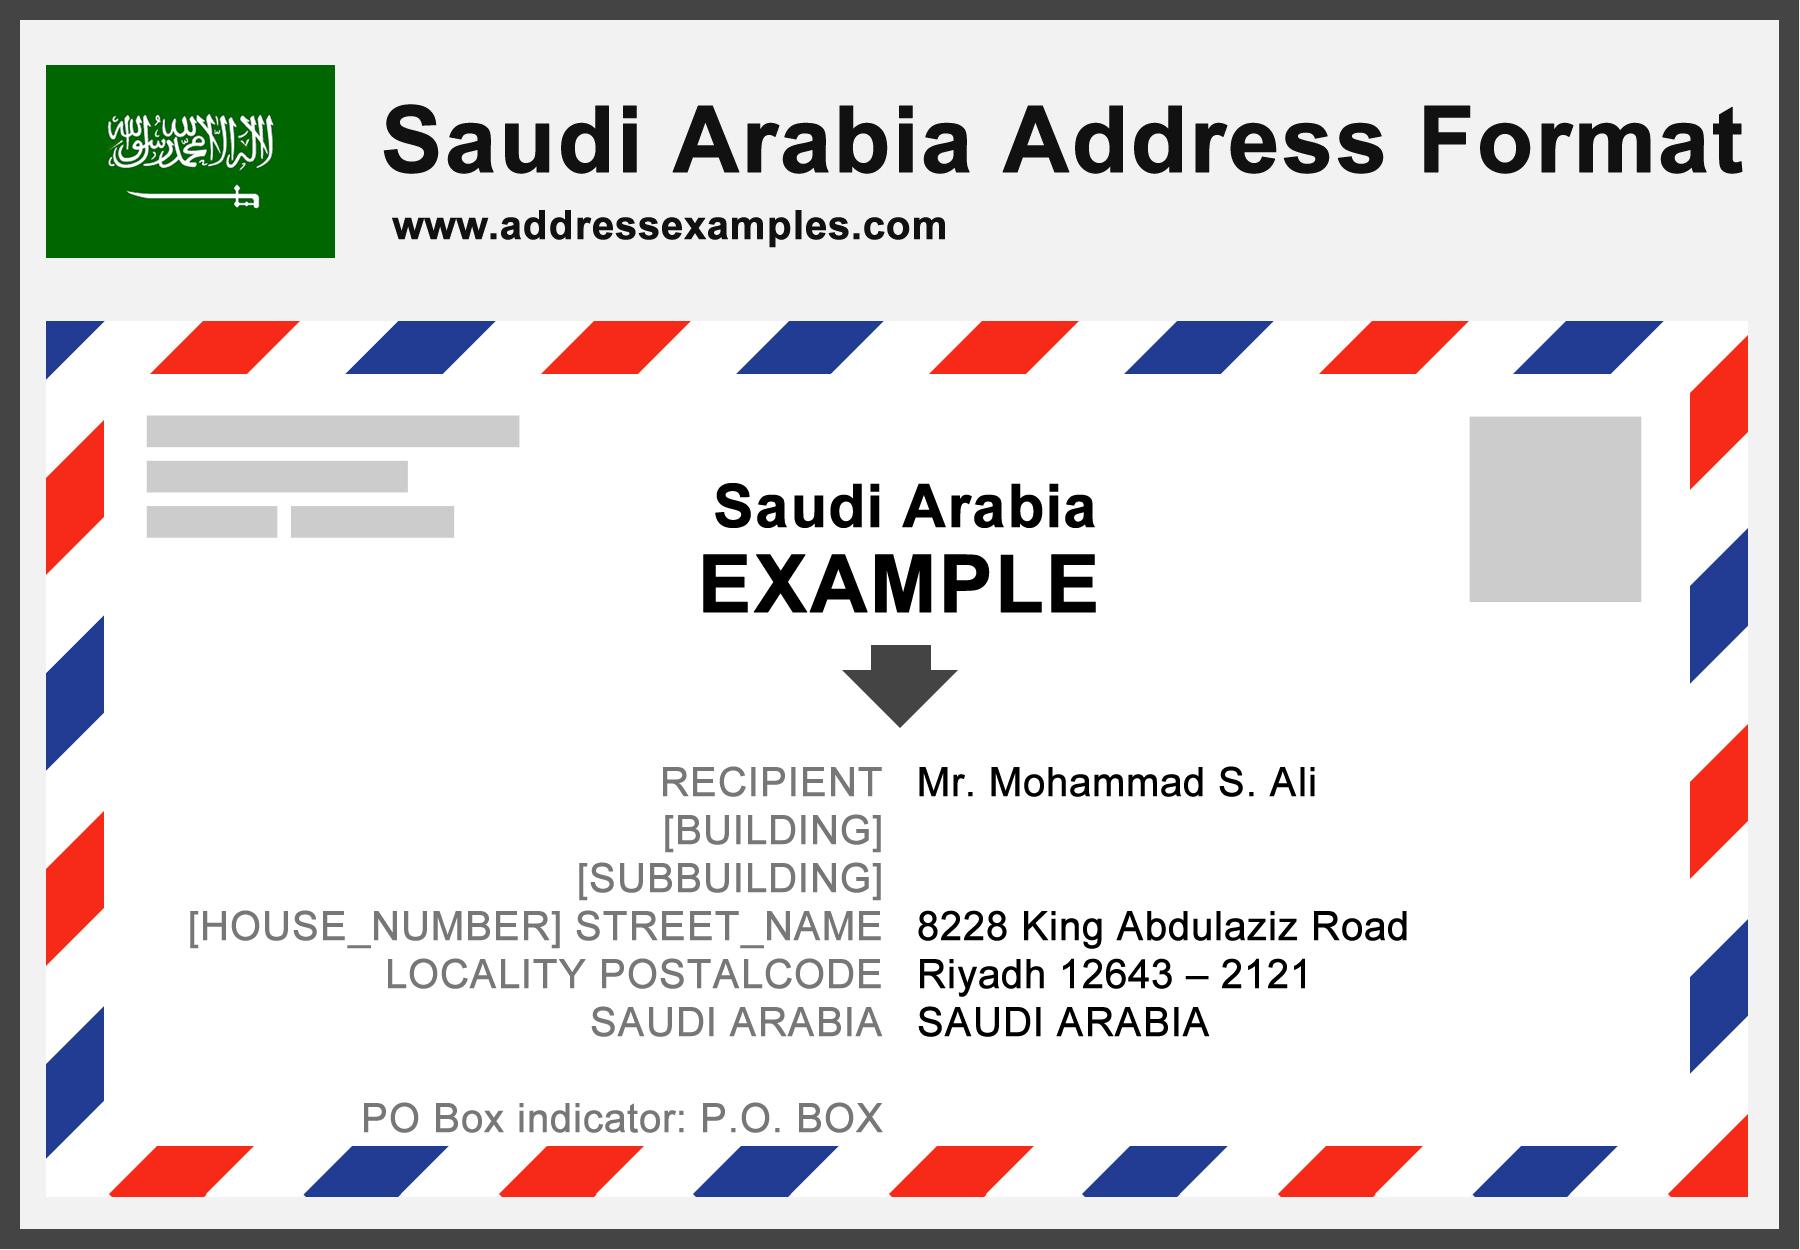 Saudi Arabia Address Format